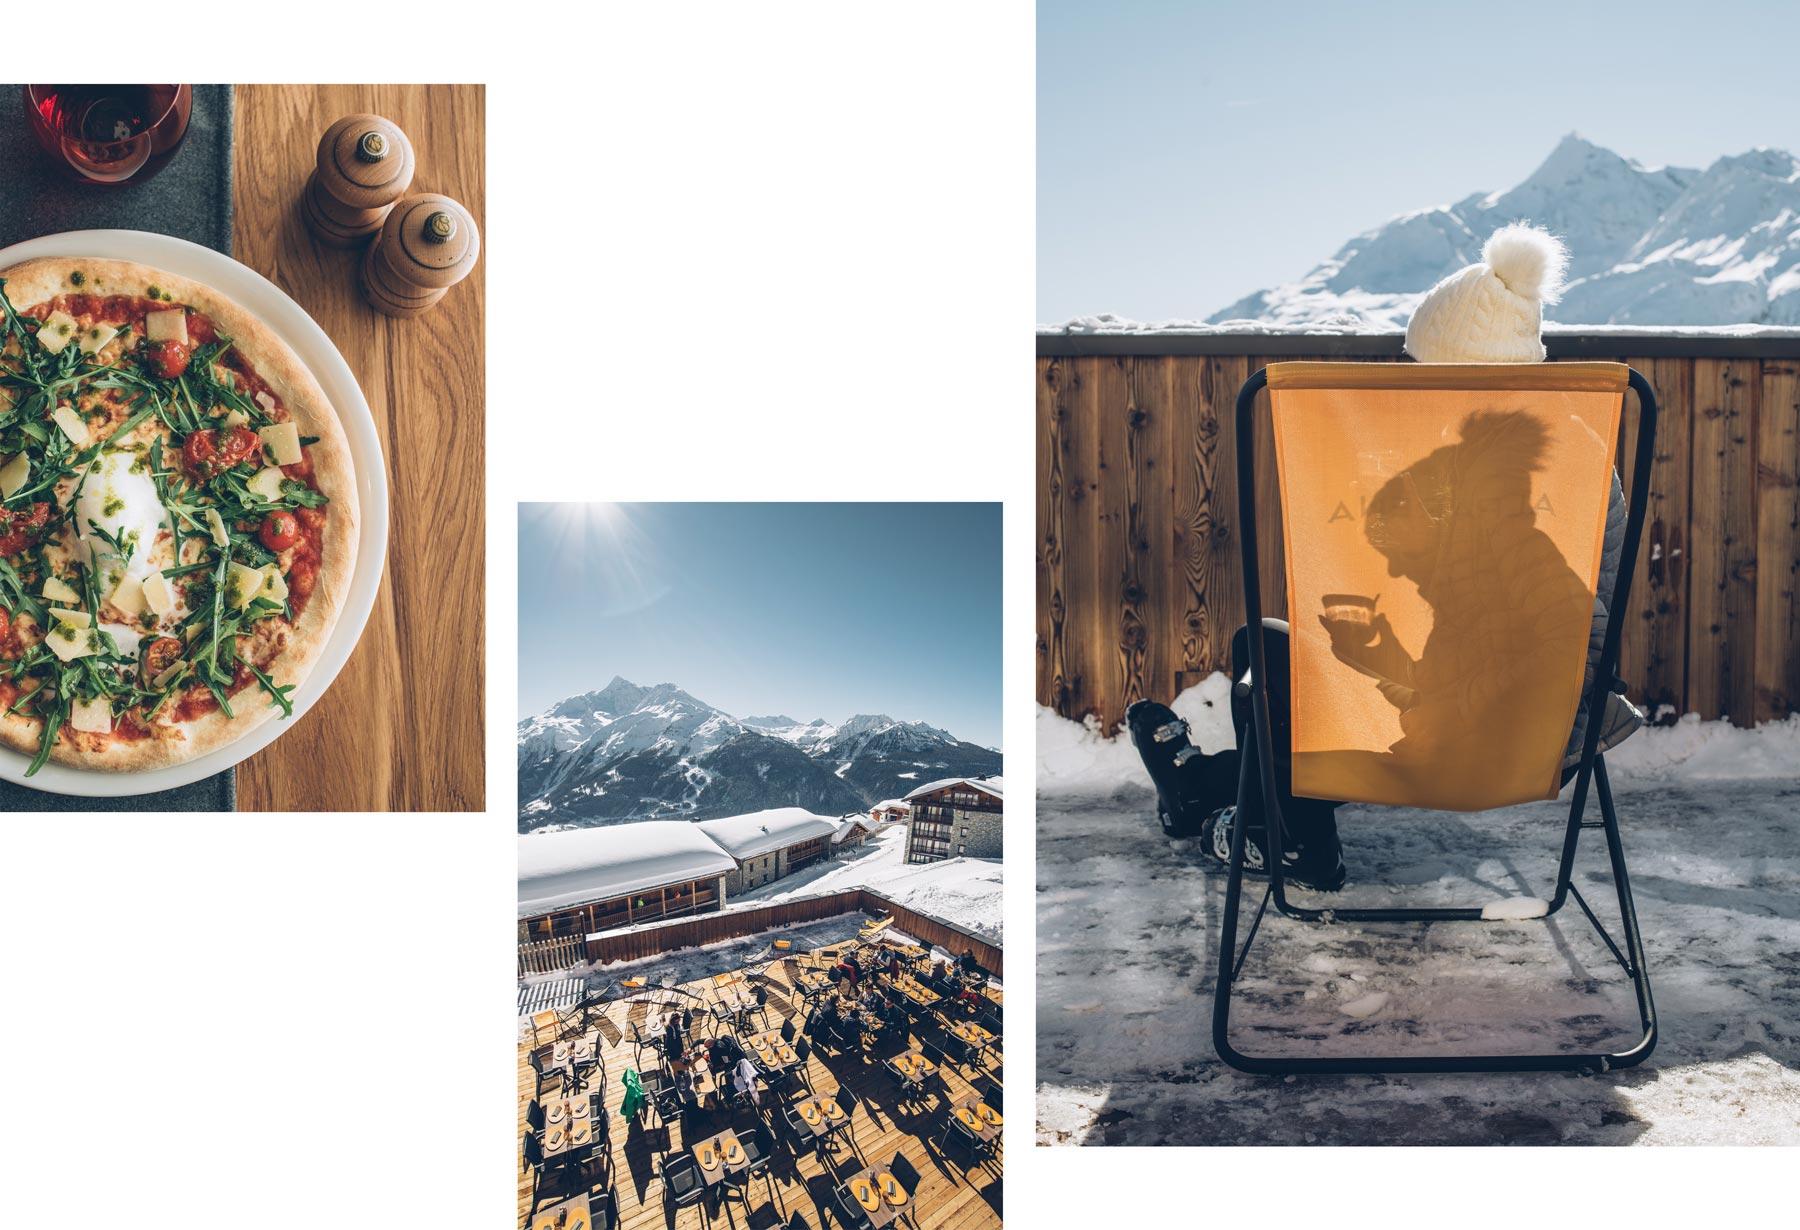 Restaurant sur les pistes: Le Solario, Hotel Alparena